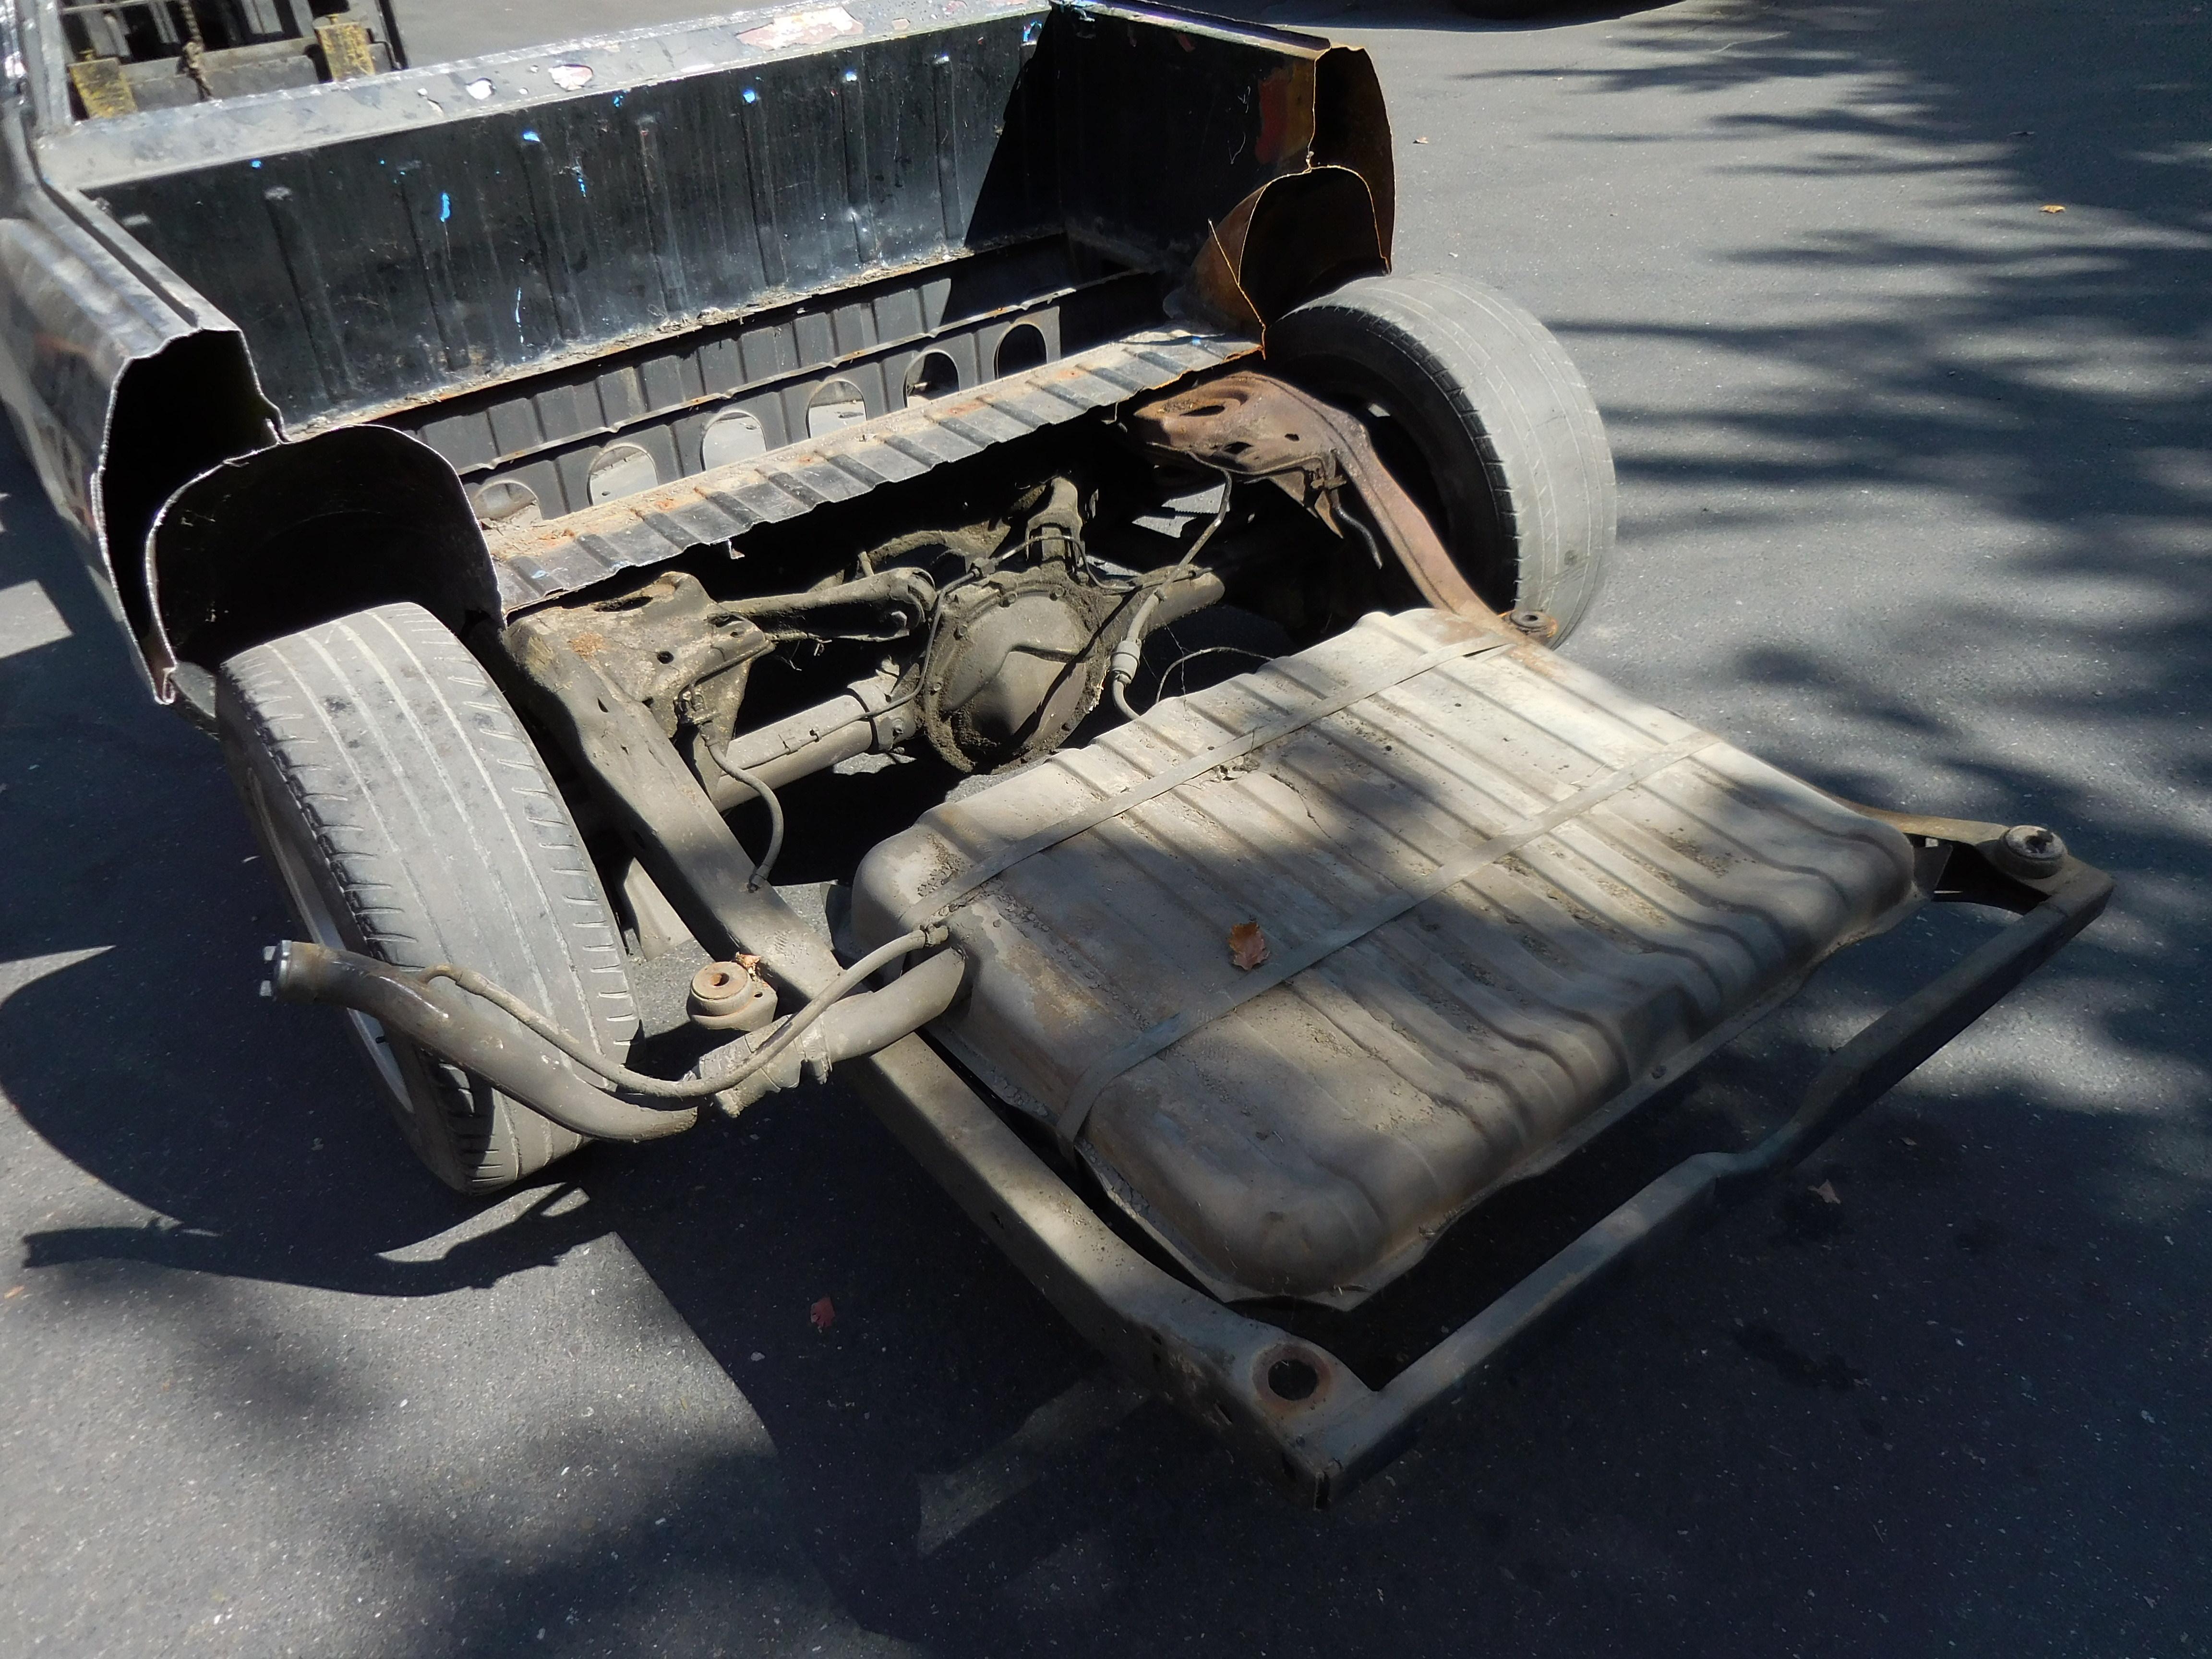 1964 1966 Chevrolet El Camino Chevelle 4 Door Station 1964196519661966 19641966